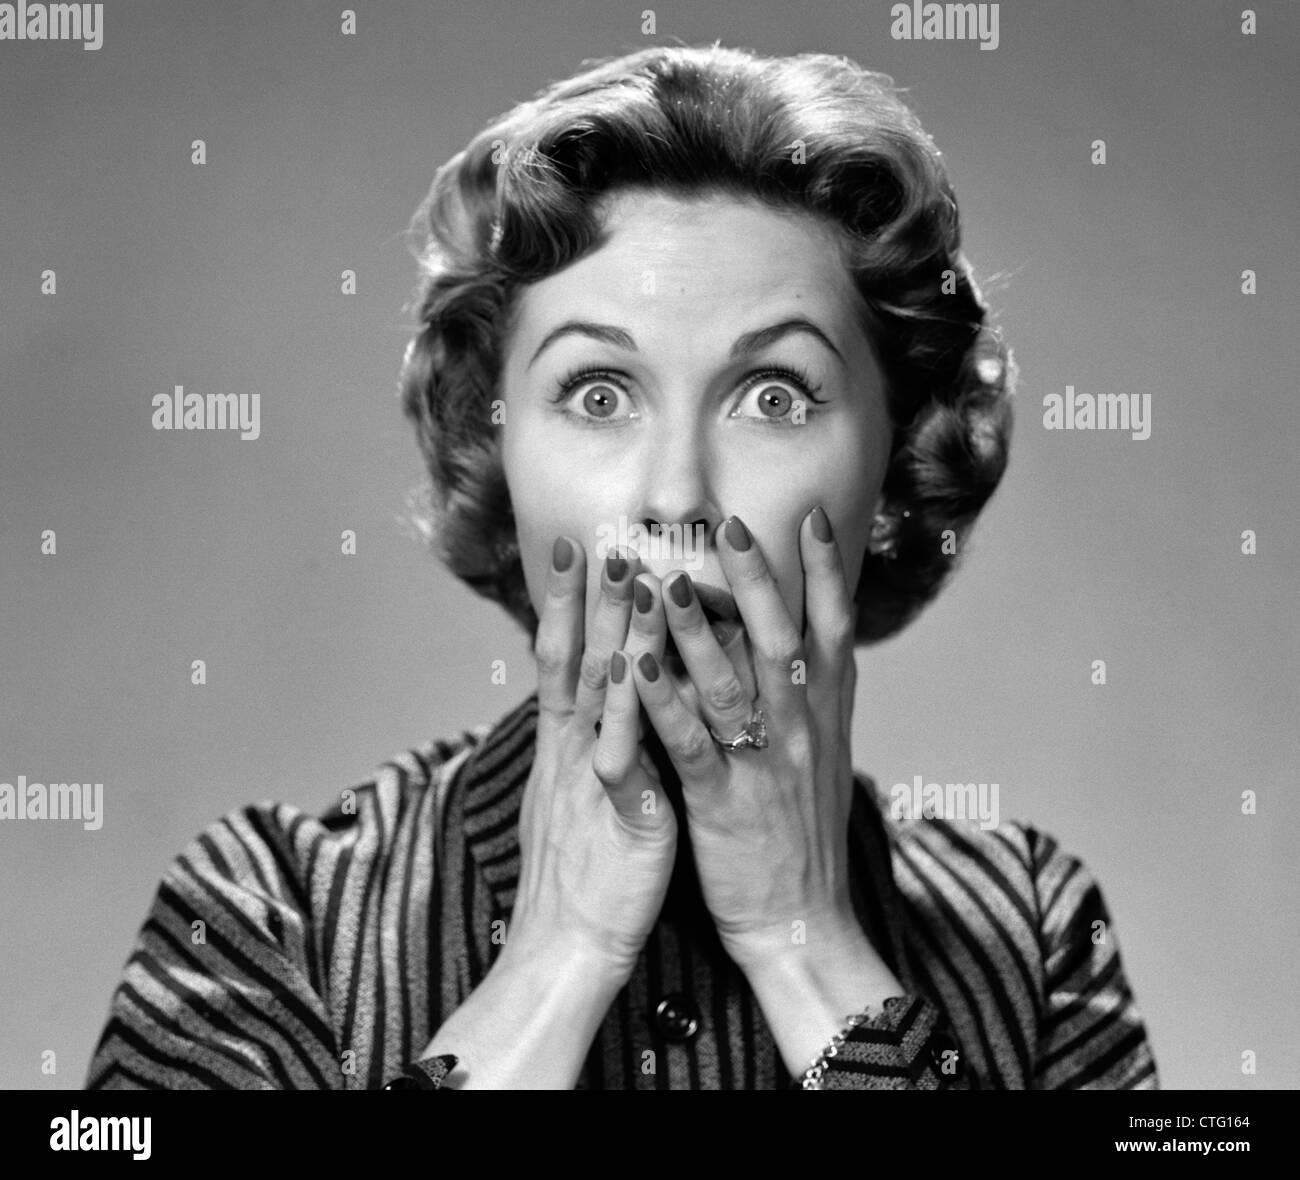 1950ER JAHRE PORTRAIT OF WOMAN IN GESTREIFTEN KLEID HÄNDE IN DEN MUND MIT SCHOCKIERT AUSDRUCK BLICK IN DIE Stockbild